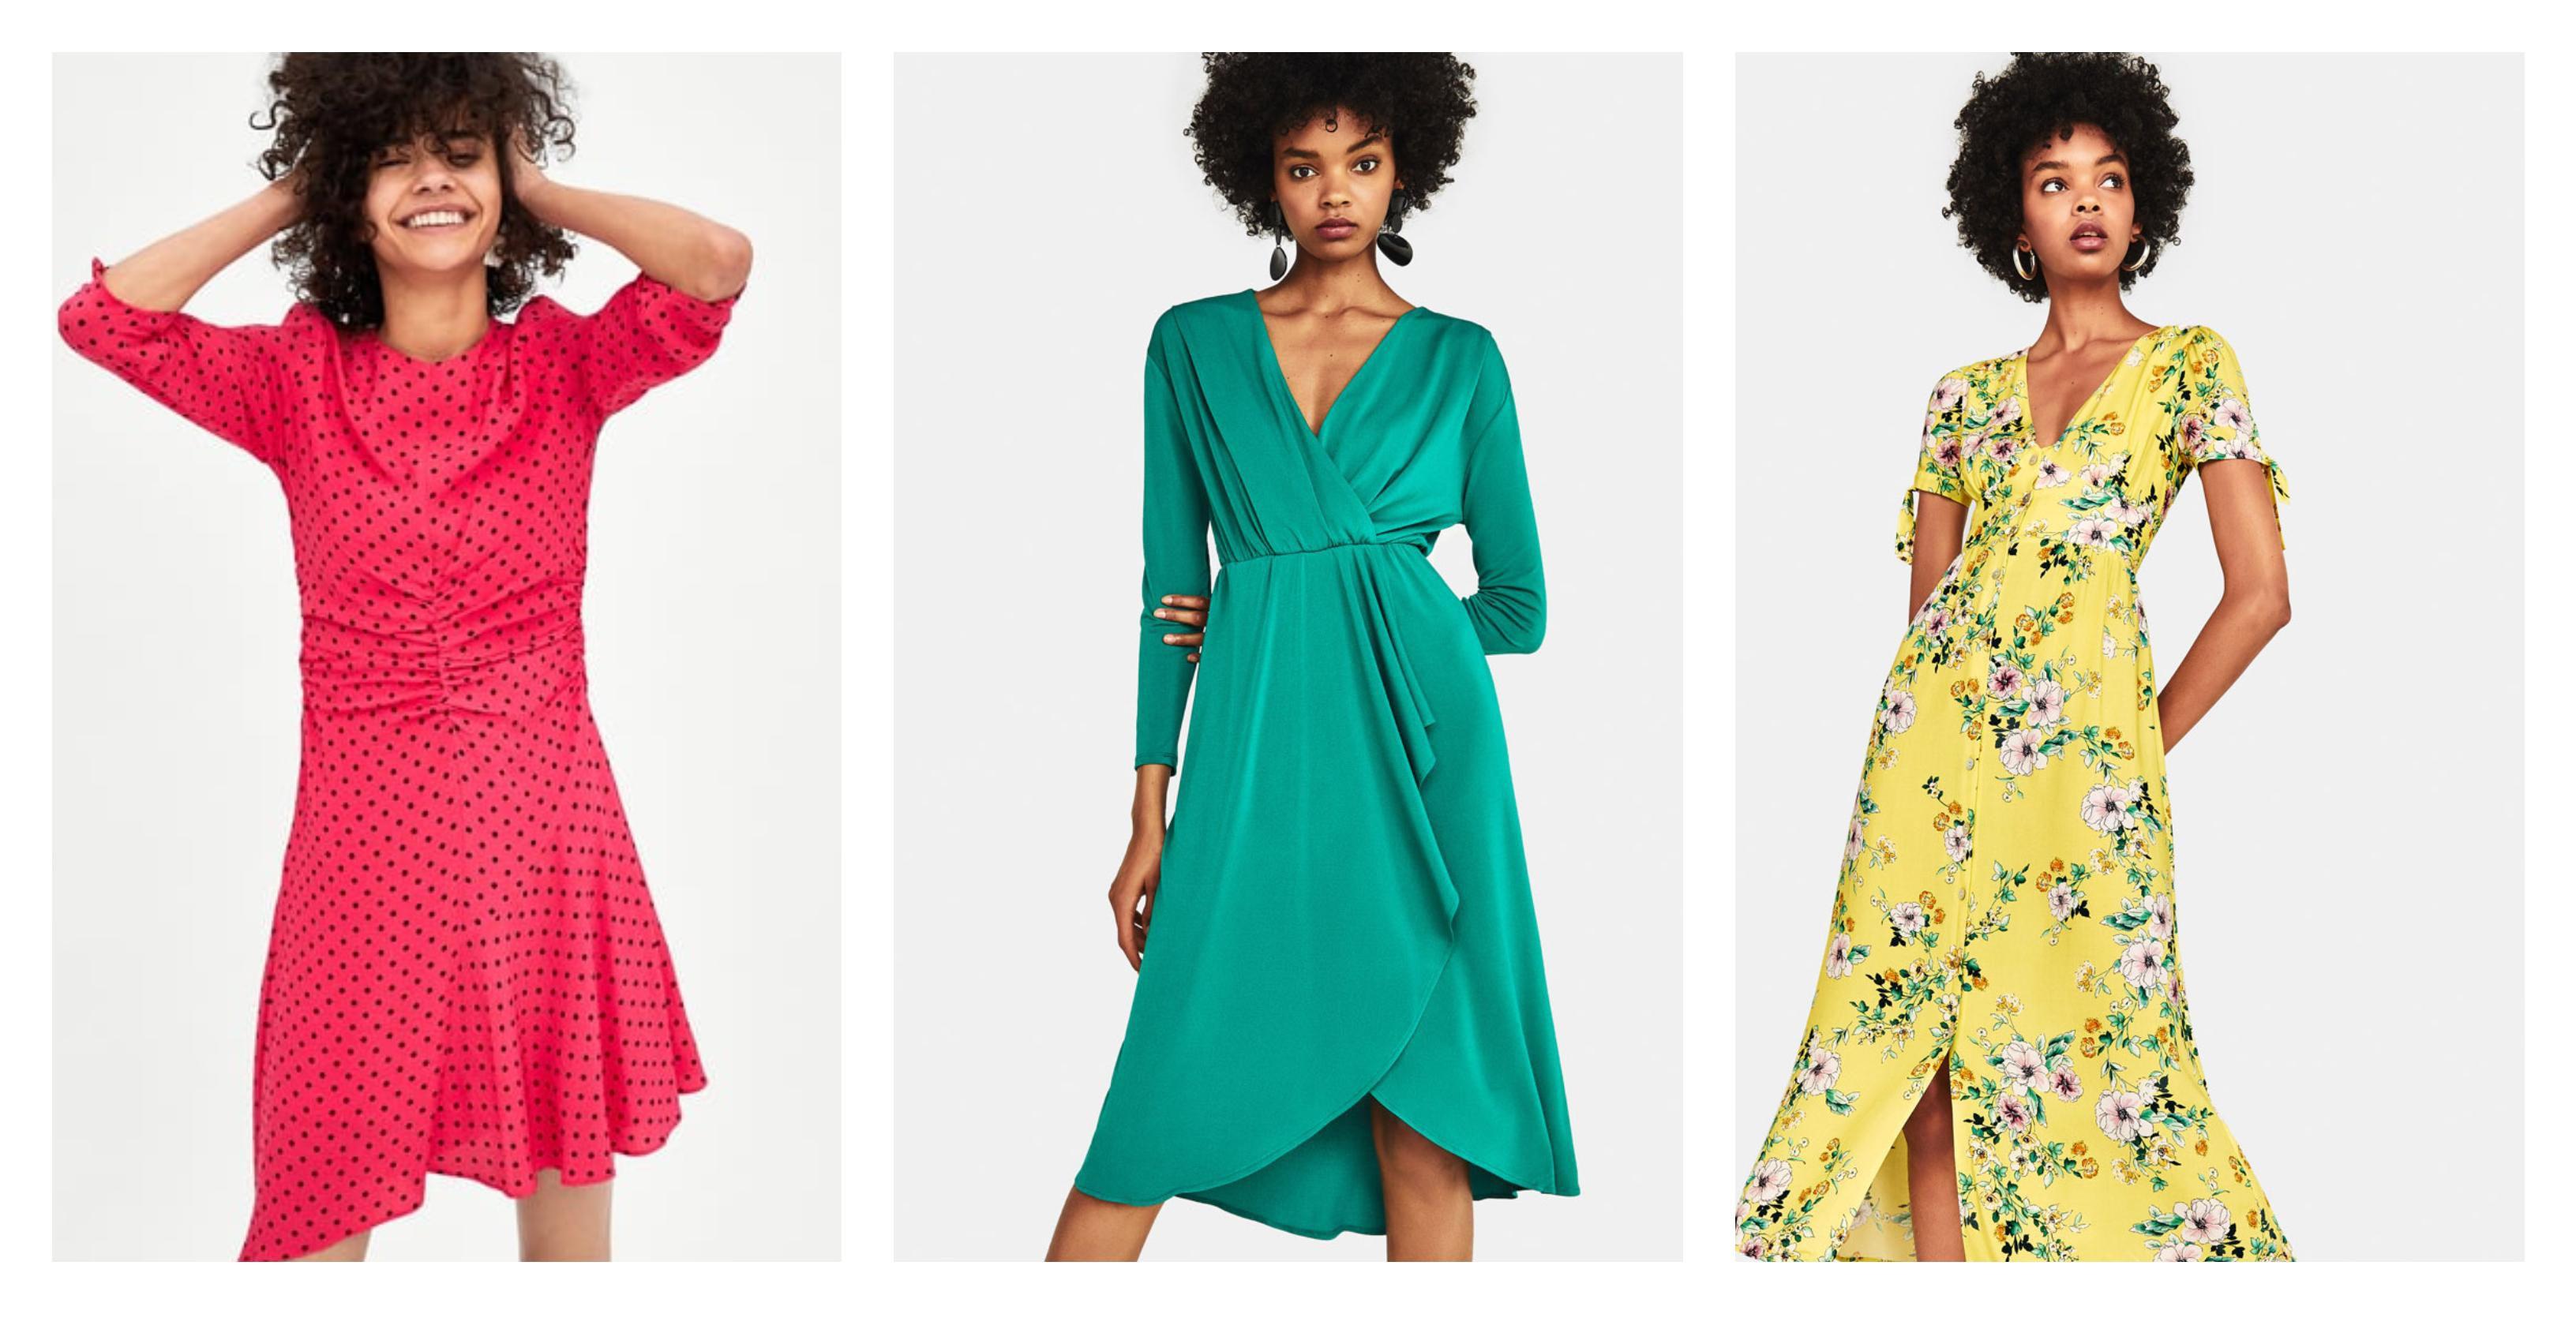 Ljeto je, nosite boje: Pronašli smo najljepše haljine u najluđim bojama